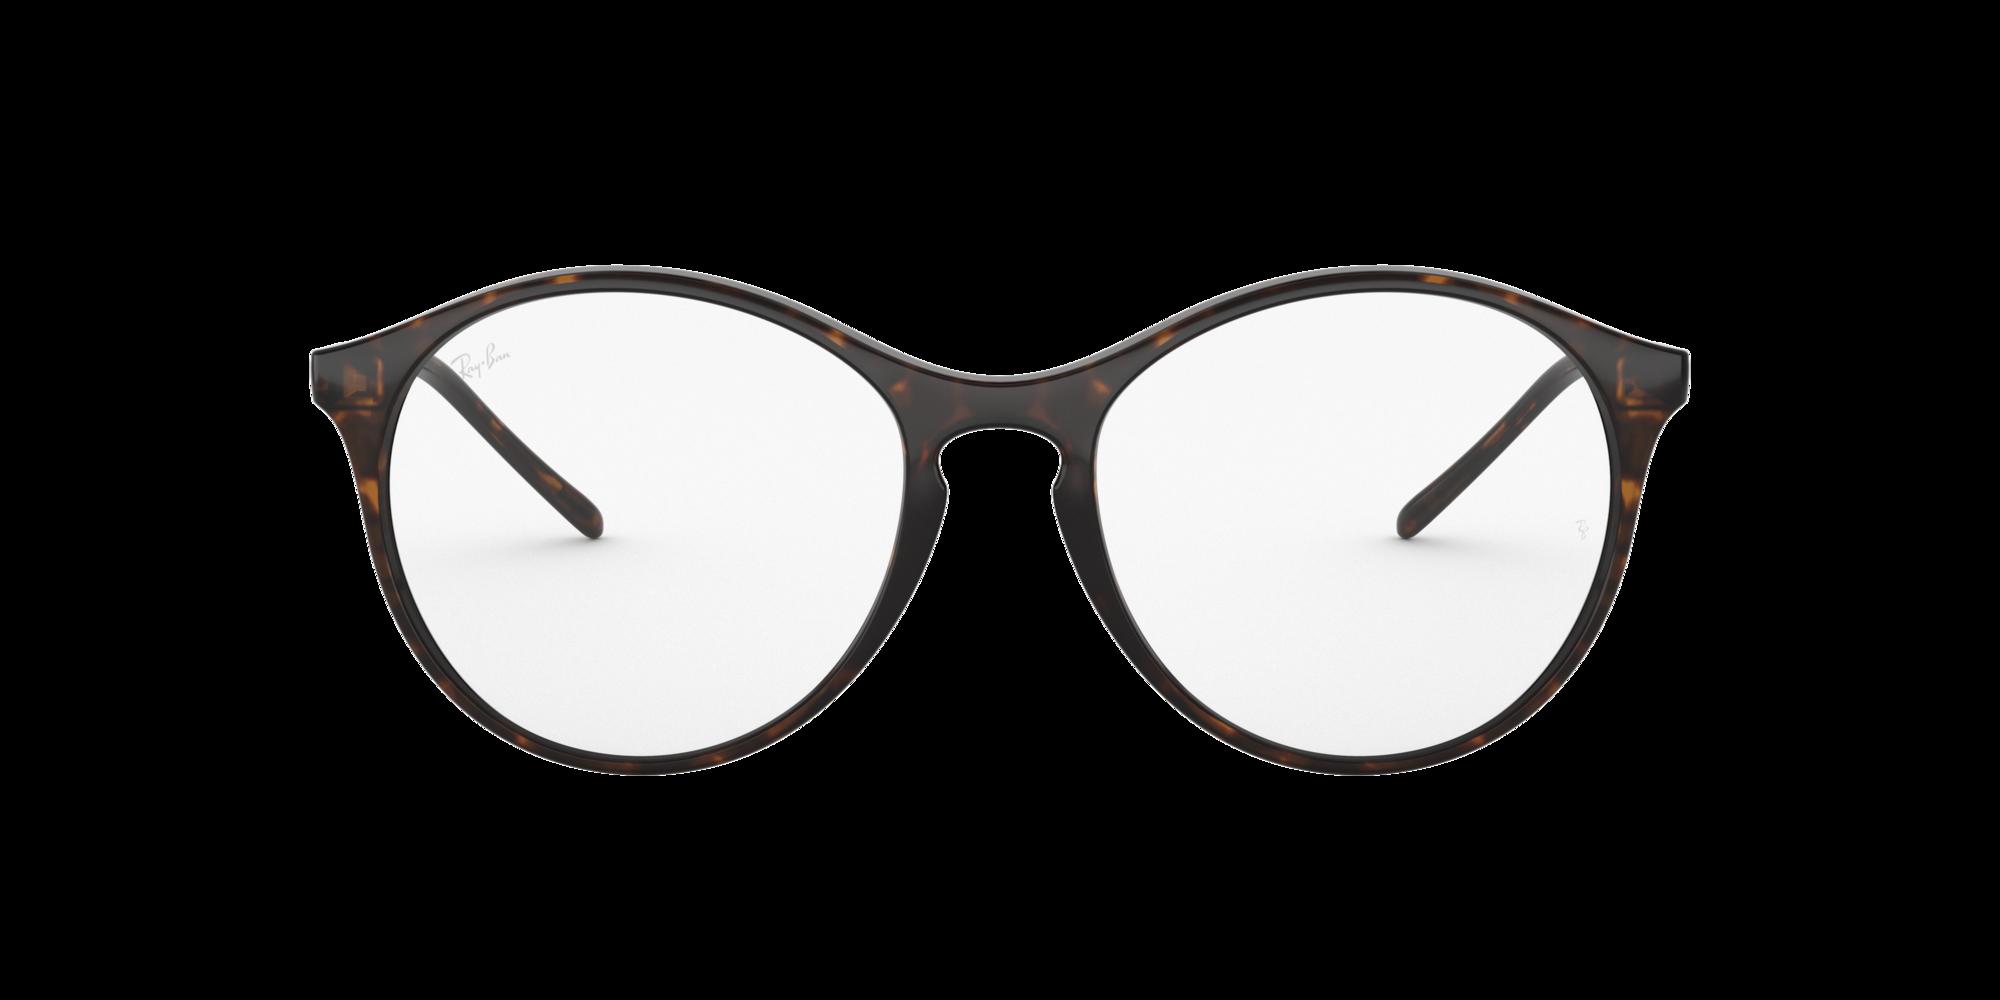 Imagen para RX5371 de LensCrafters |  Espejuelos, espejuelos graduados en línea, gafas